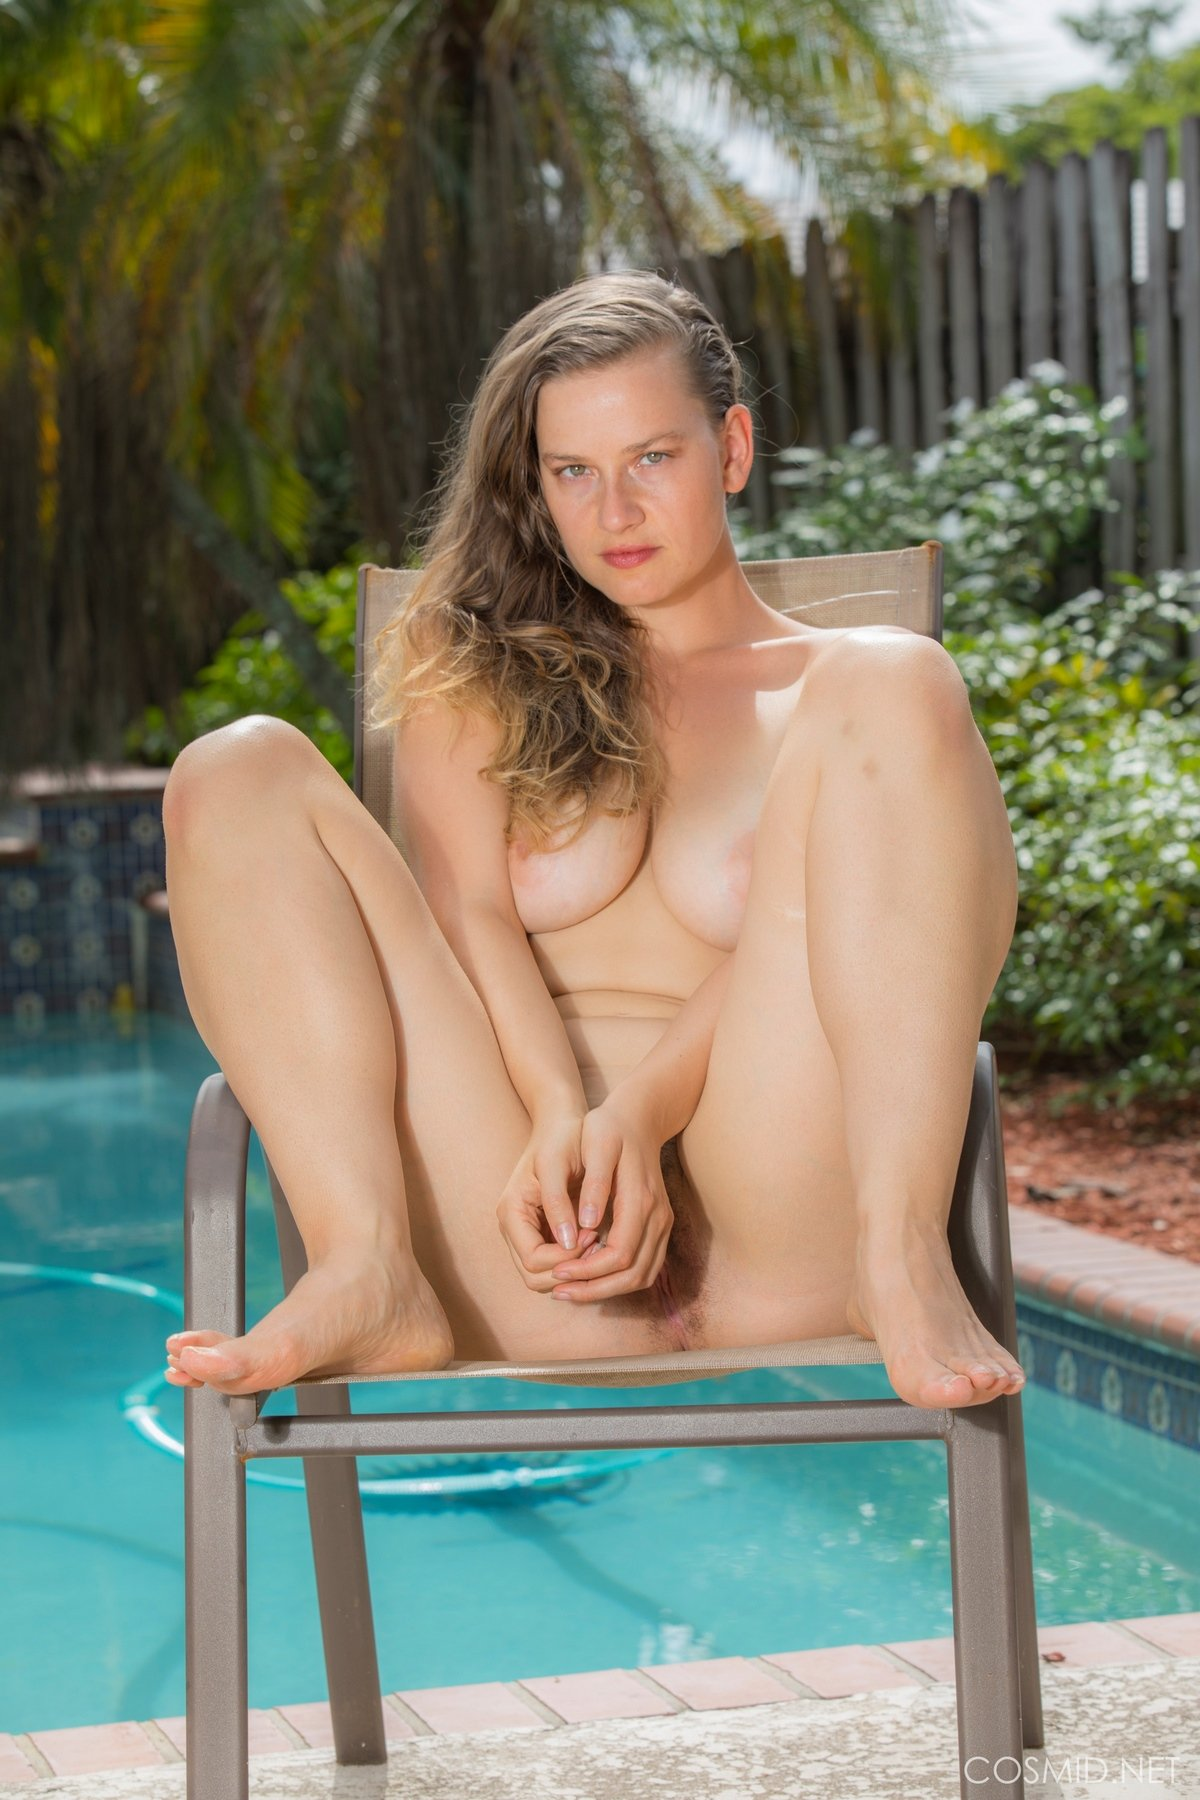 19-летняя девка с большой сракой на фоне бассейна